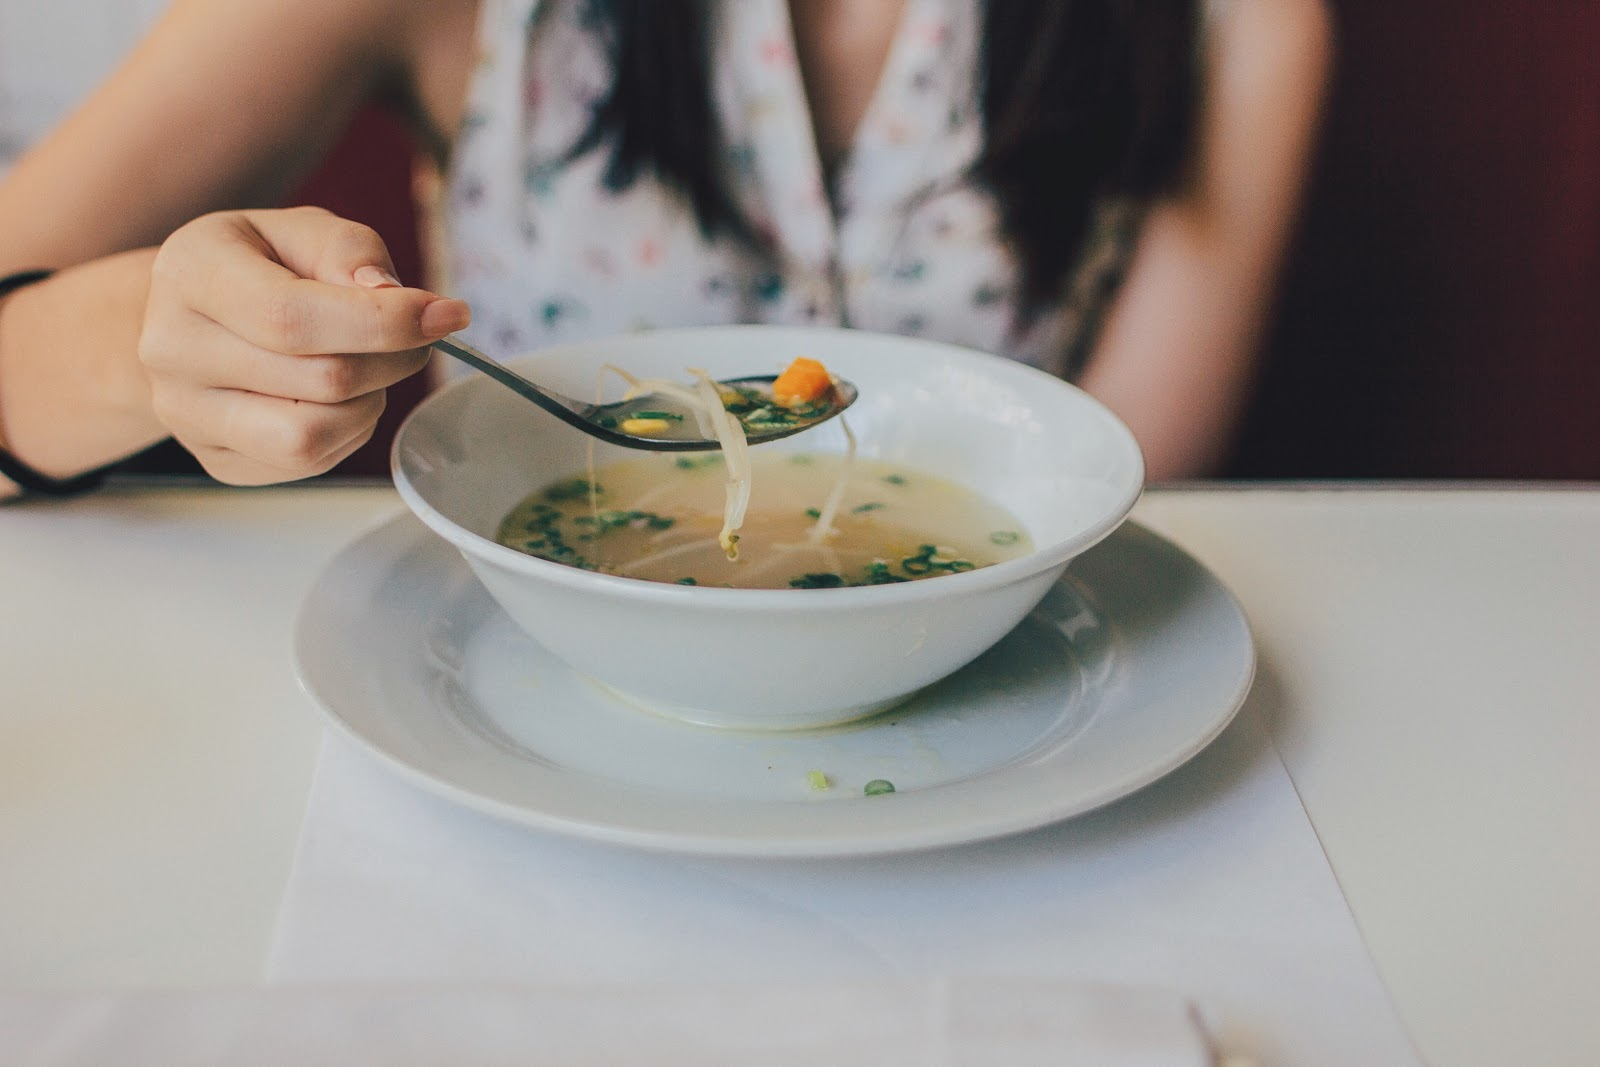 Autoimmune diet: A woman eats soup